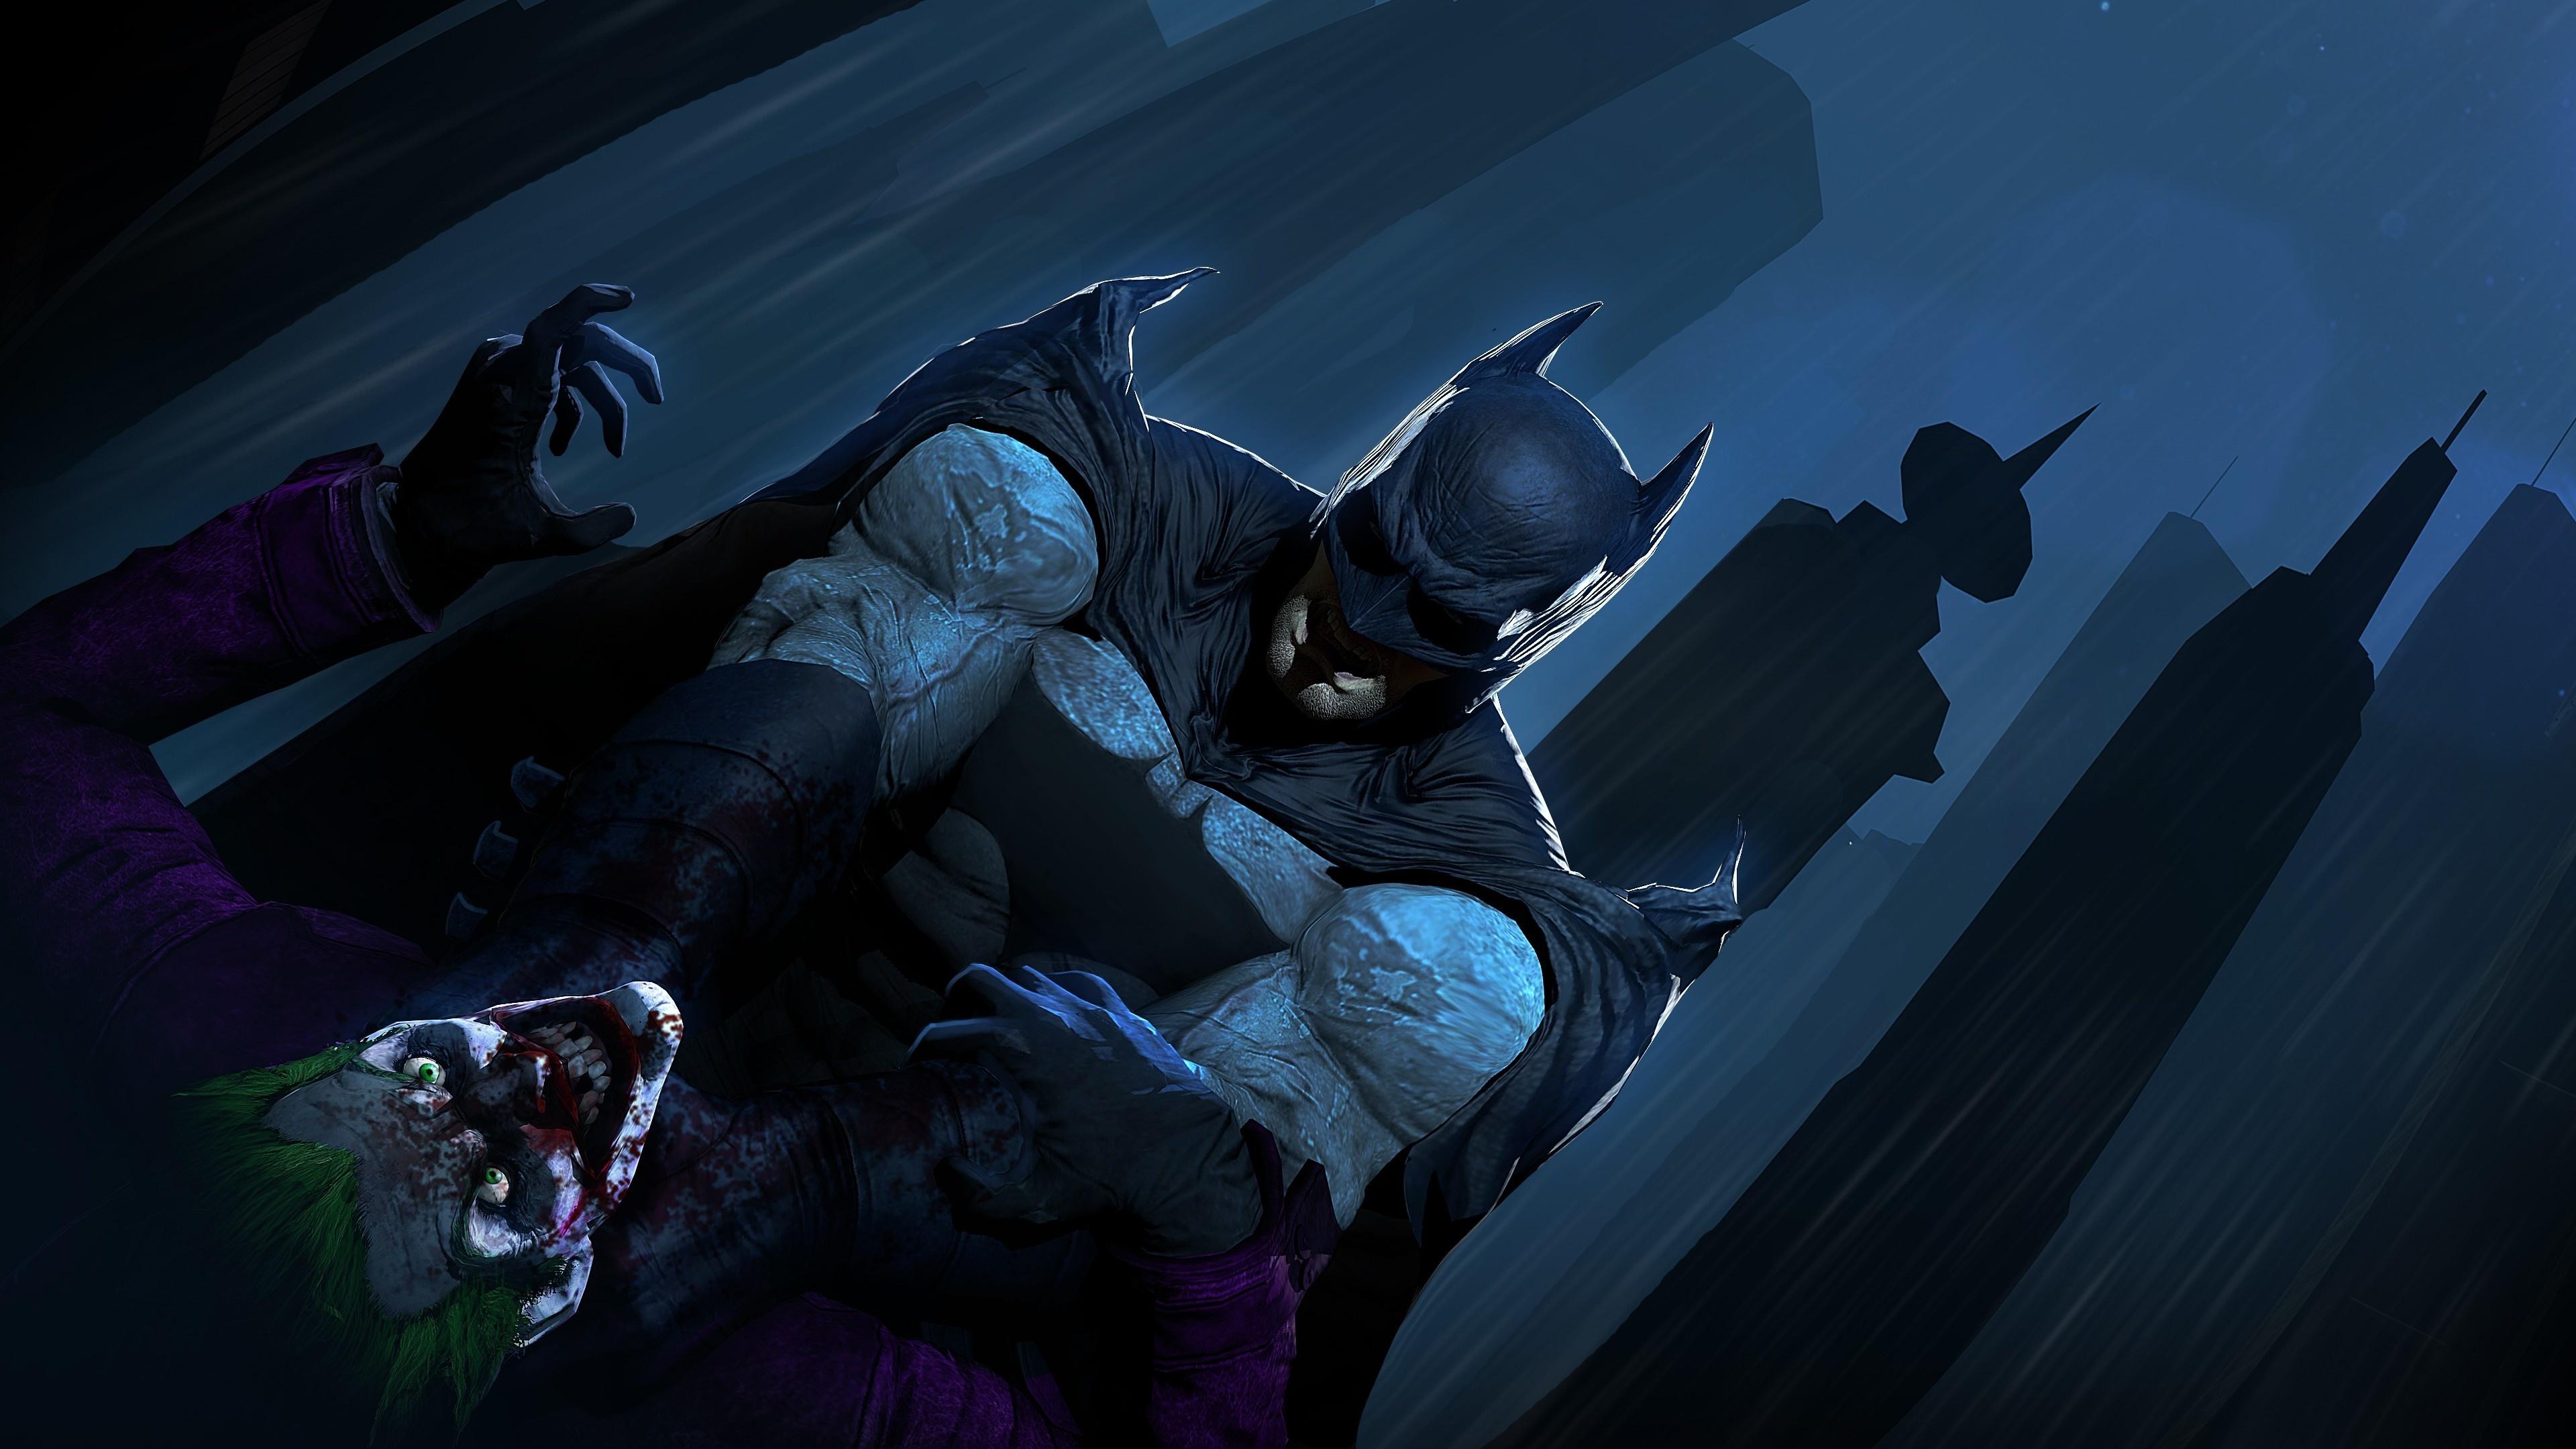 Download 3840x2160 Wallpaper Joker Vs Batman Dc Comics